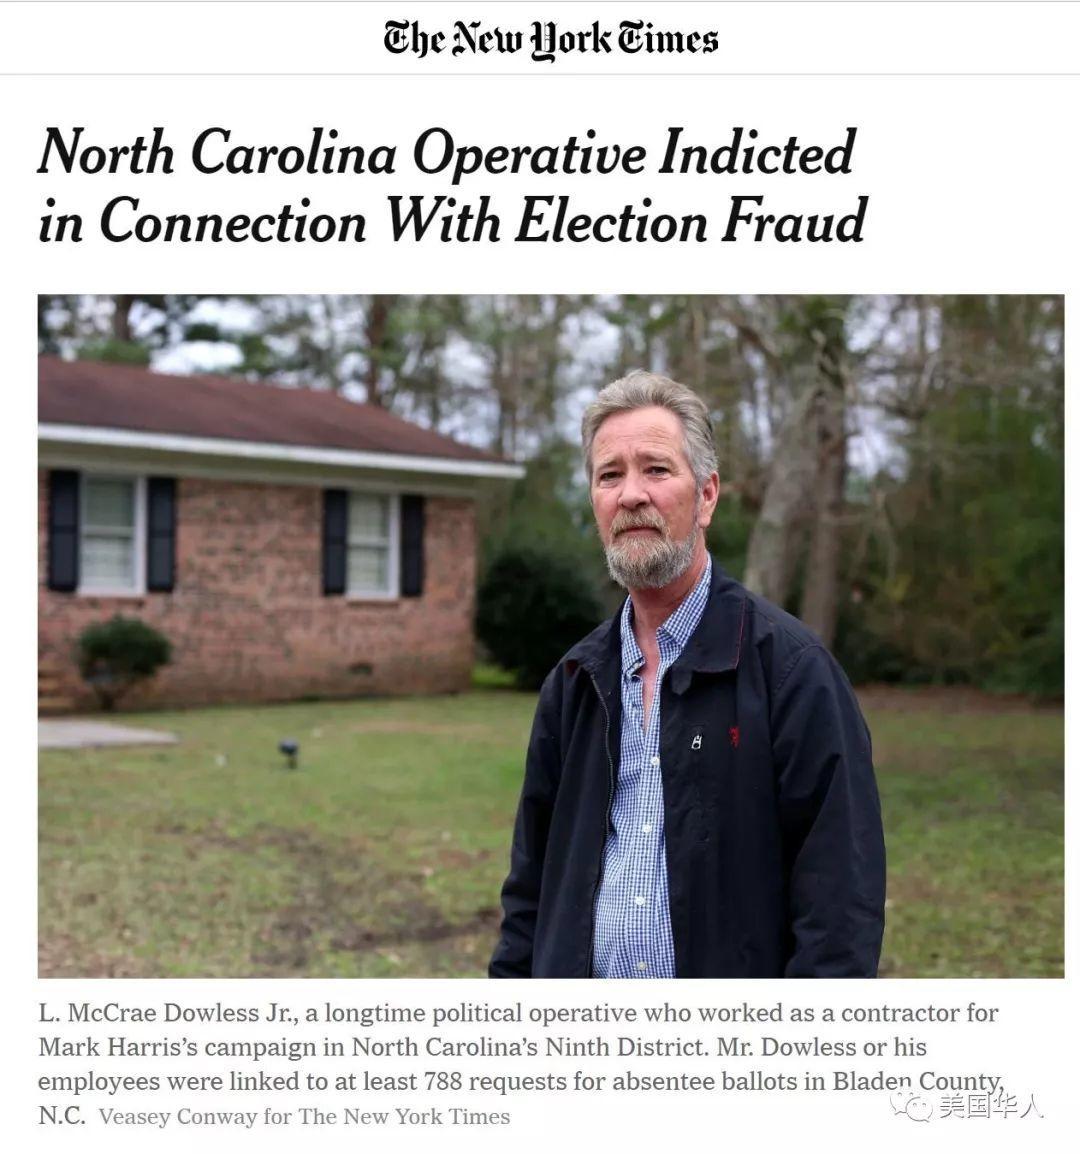 特朗普所说的选举舞弊终于抓到了实锤!北卡中期选举丑闻始末